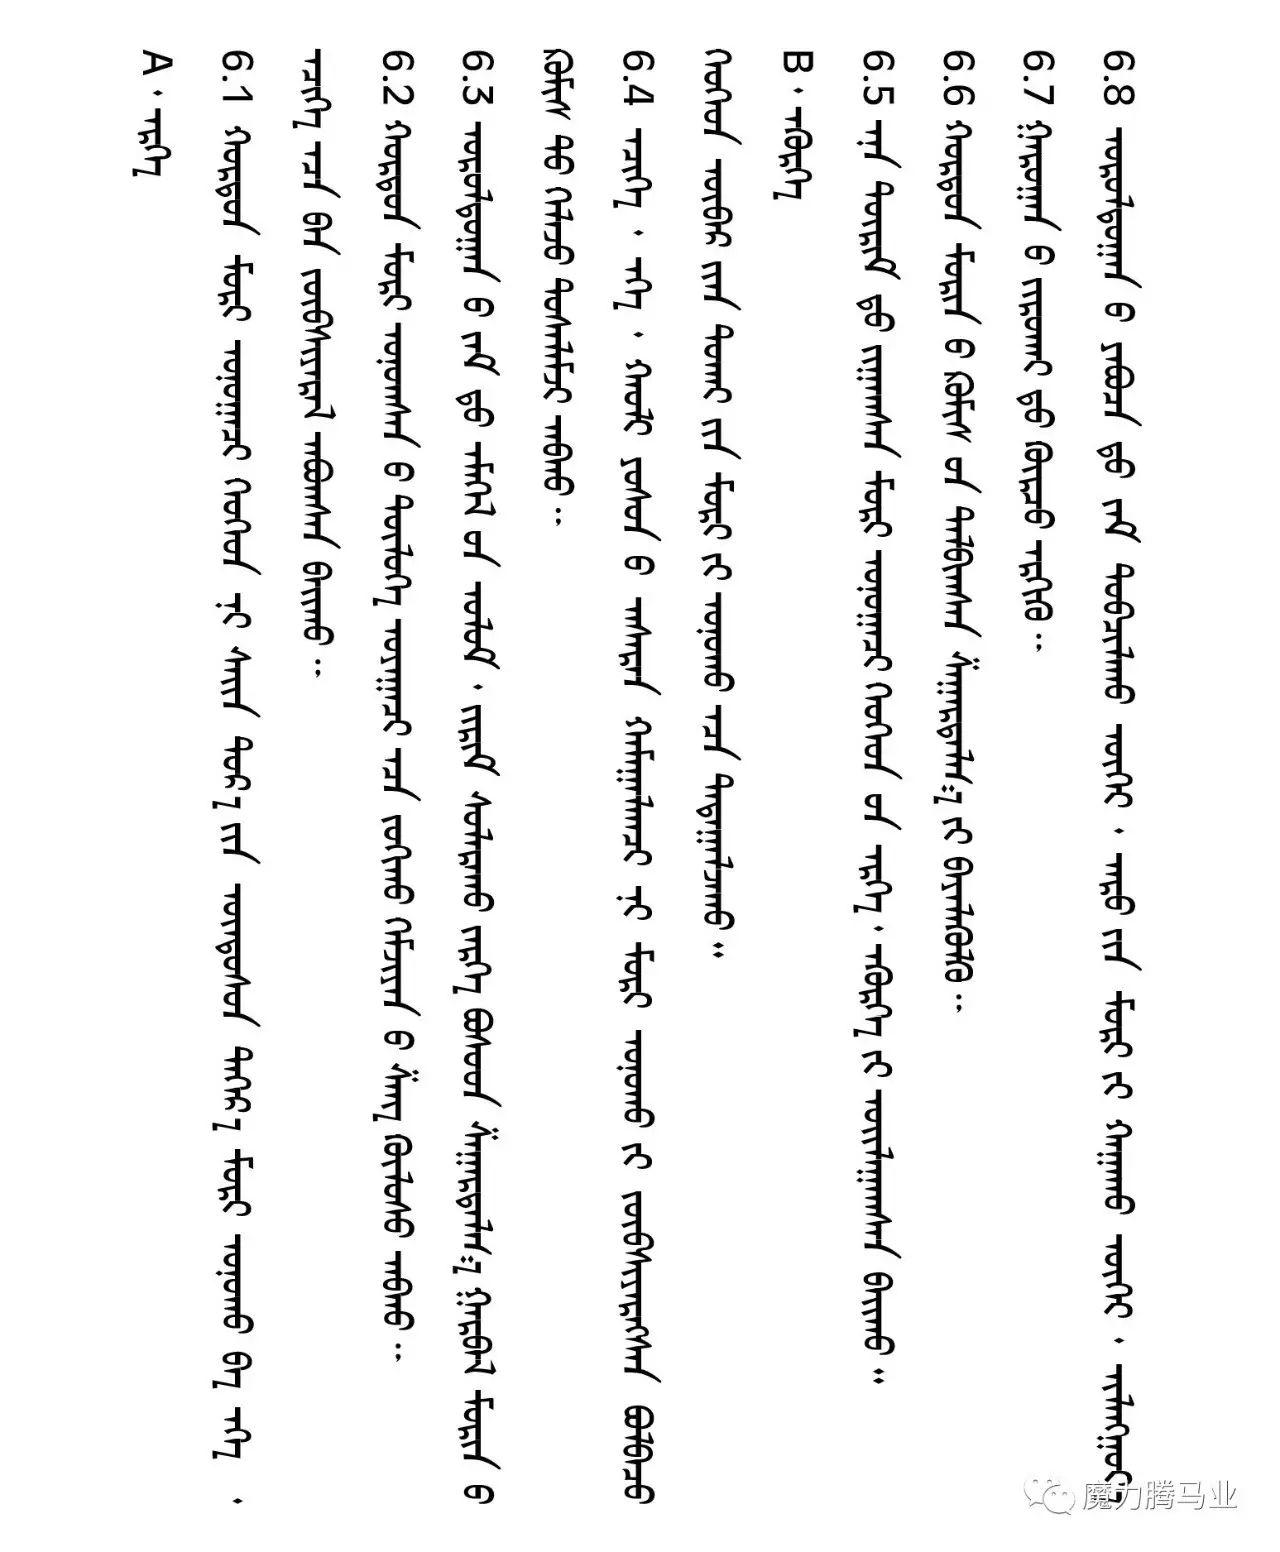 蒙古国赛马章程介绍 第37张 蒙古国赛马章程介绍 蒙古文库